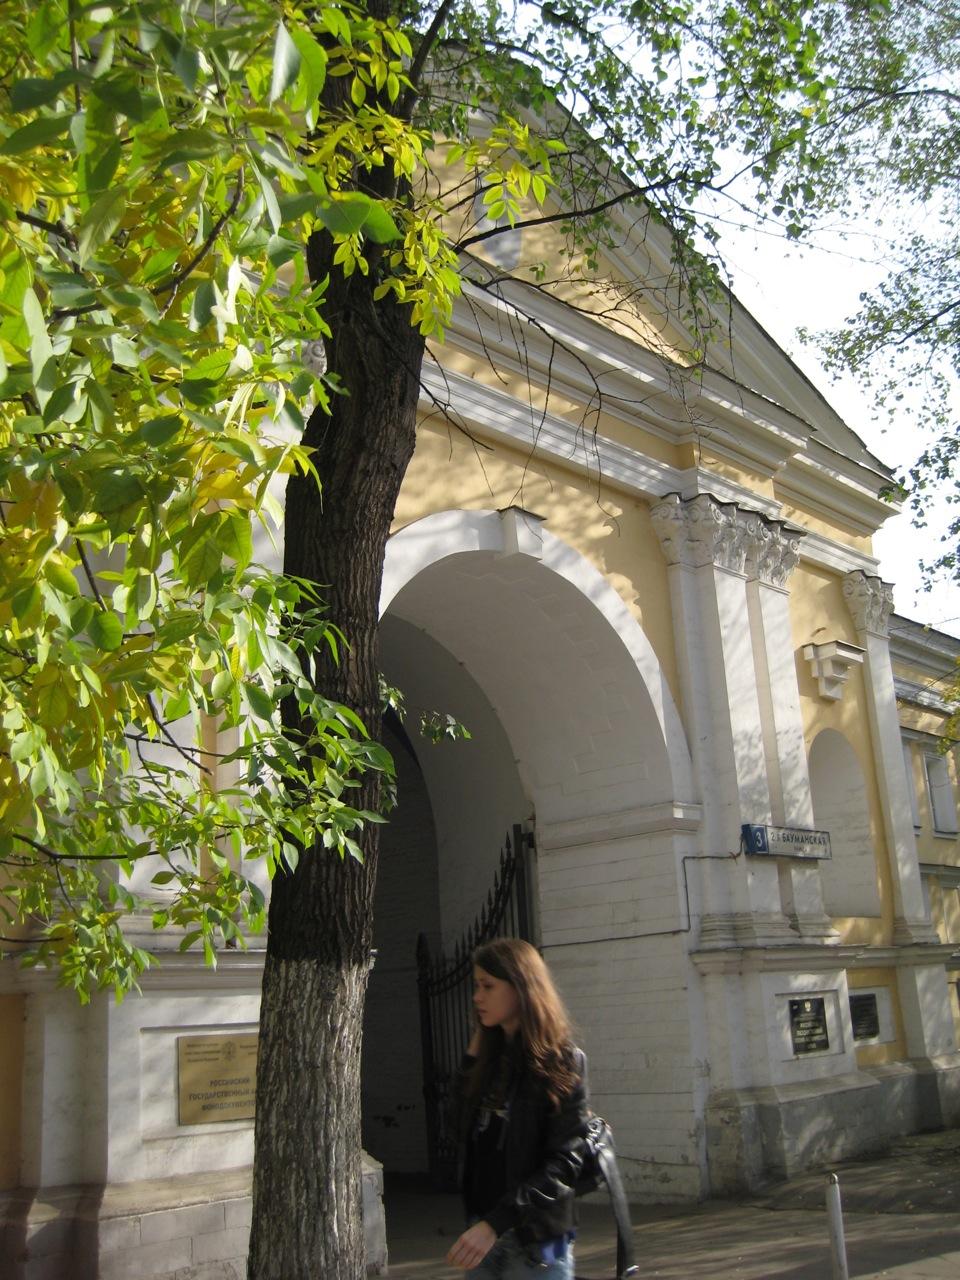 entrance-to-leforts-palace-in-lefortovo